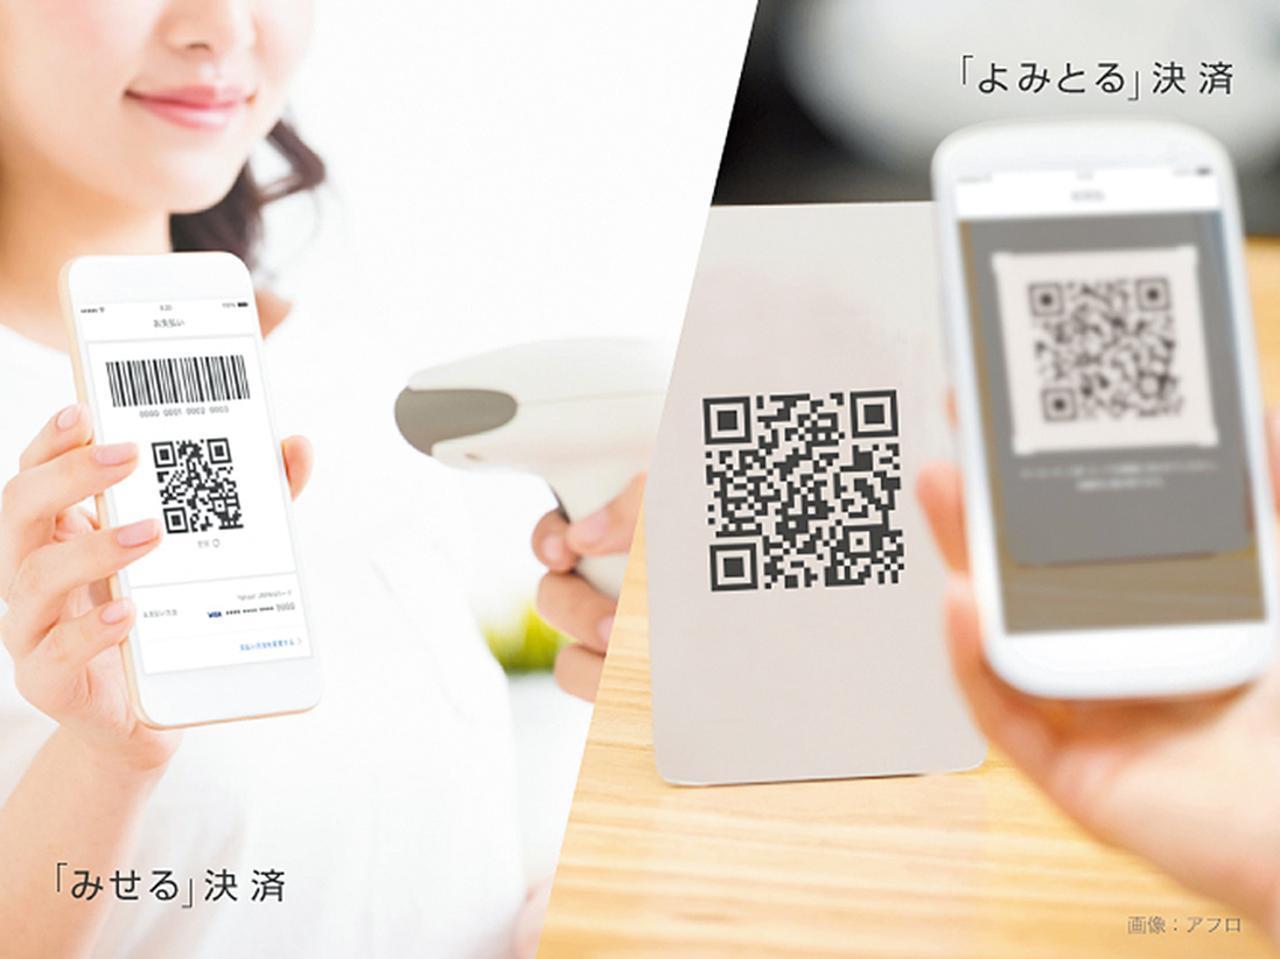 画像: 公共料金や税金の払込票に記載されたバーコードを読み込み、自宅などで支払えるサービスを4月から開始。6月には店舗でのバーコード/QRコード支払いを開始する。